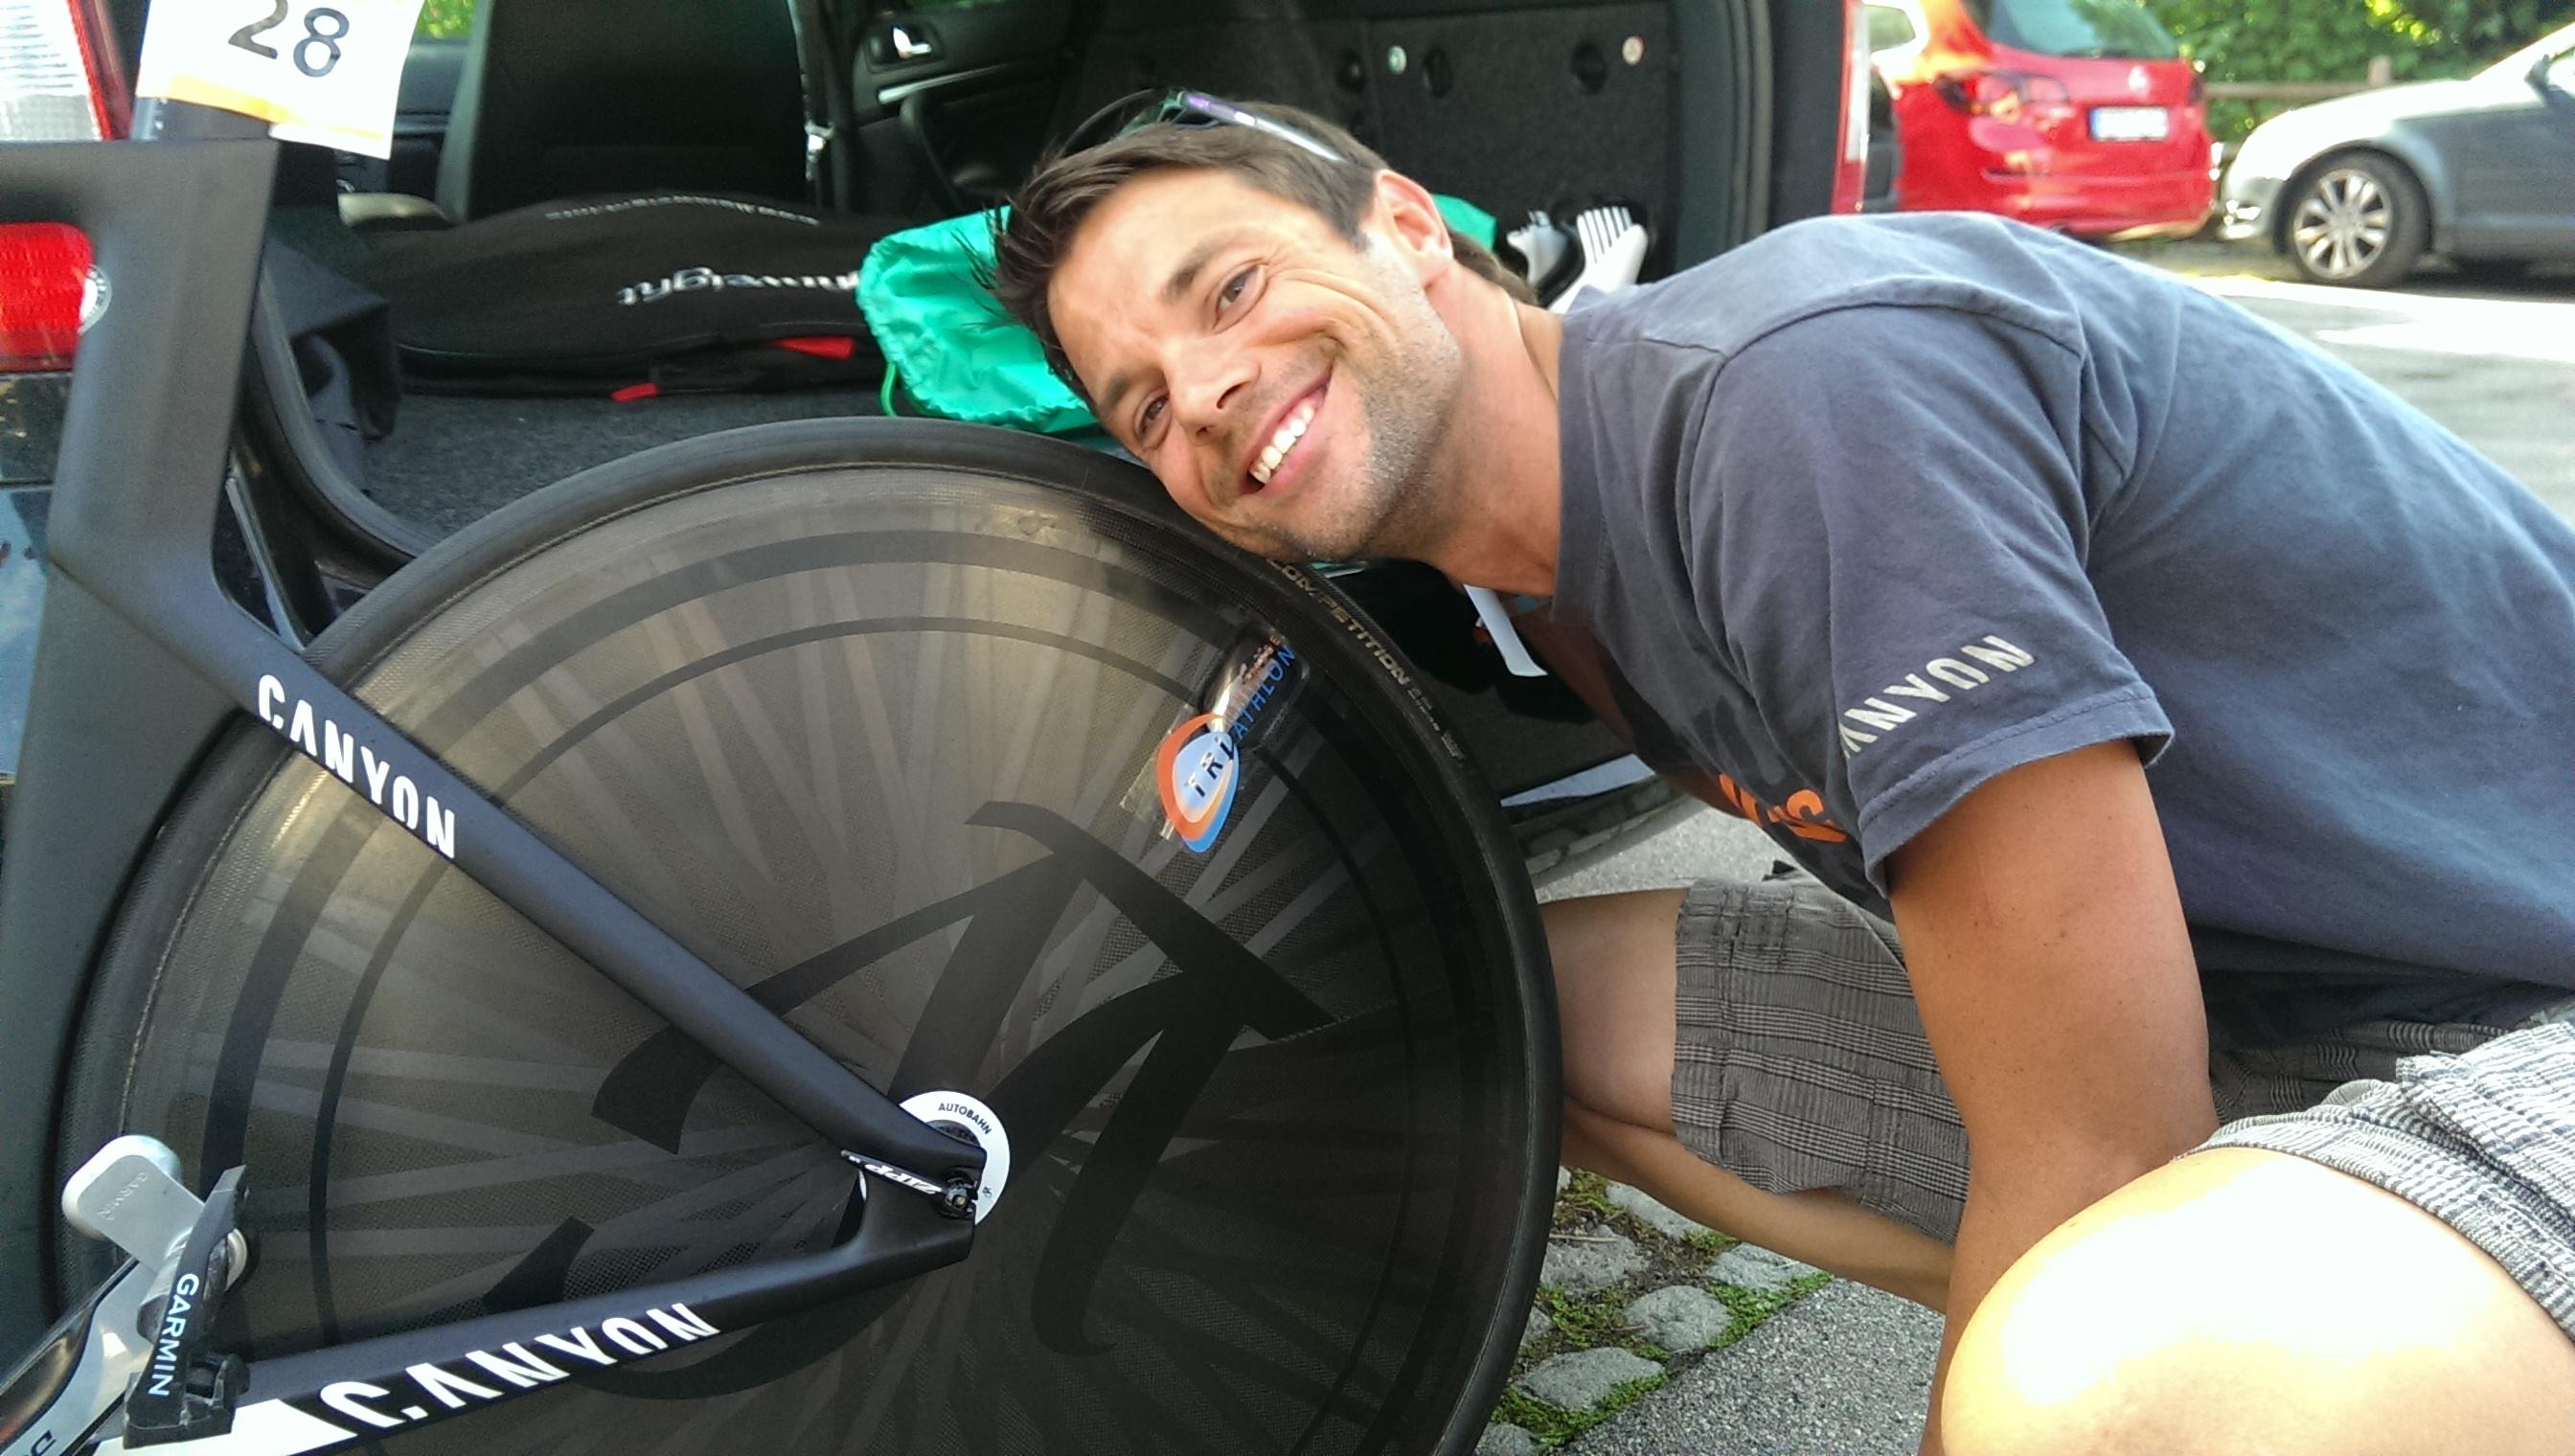 Triathlon-Profi Jens Kaiser klebt einen Chiemsee-Triathlon-Aufkleber auf sein Canyon Bike.